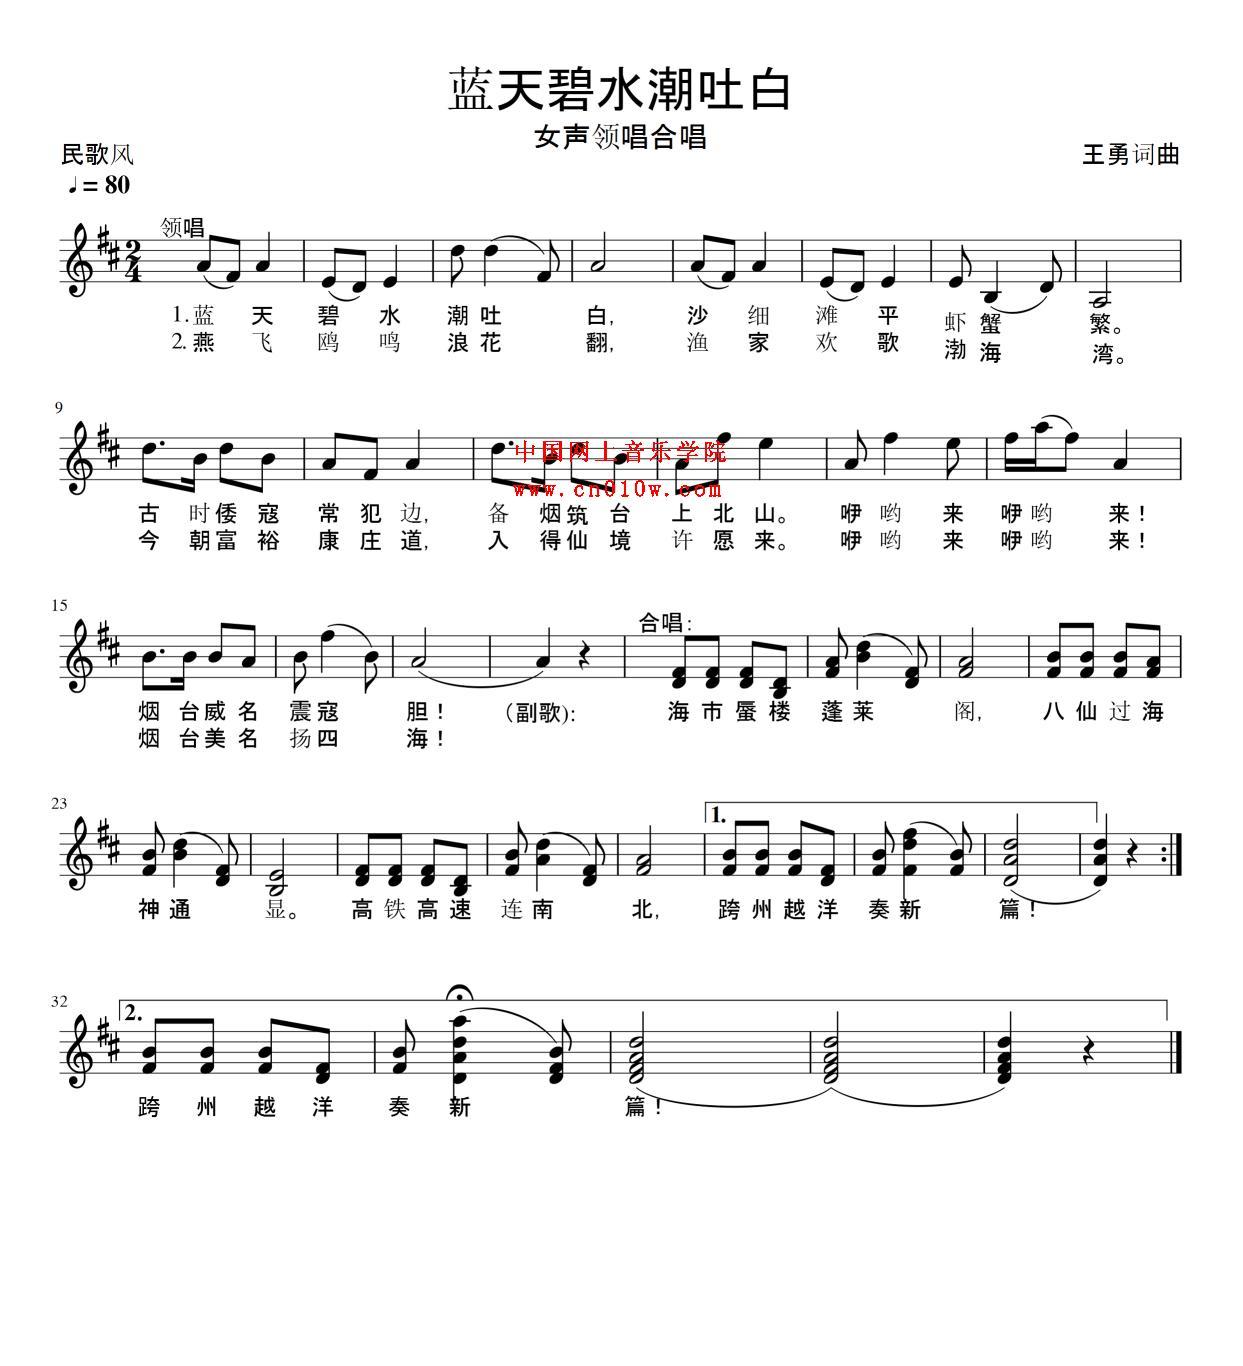 民歌曲谱_烟台